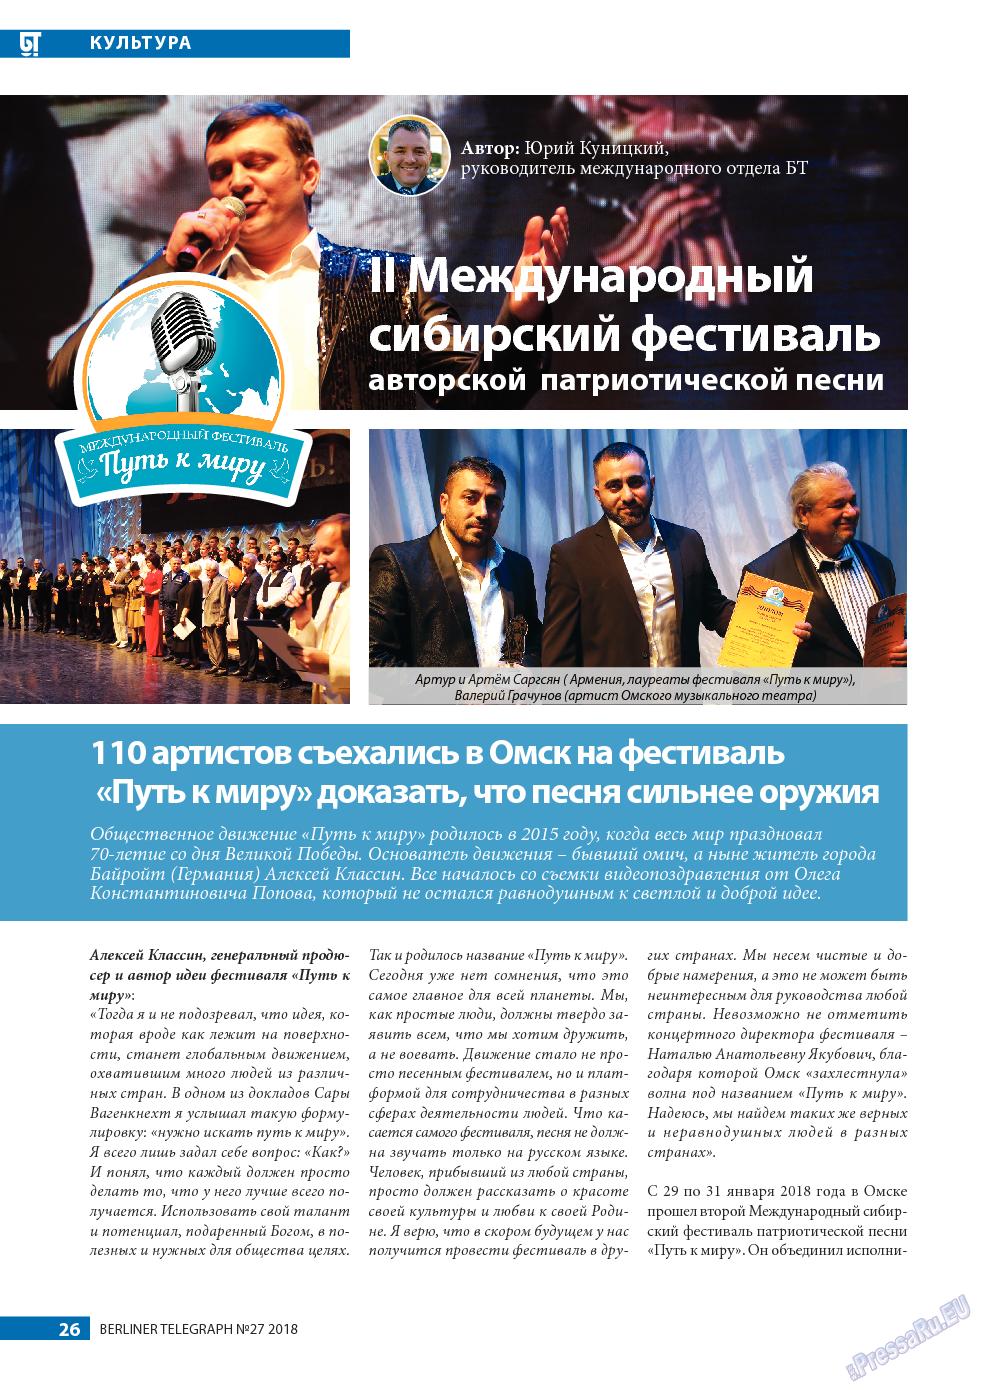 Берлинский телеграф (журнал). 2018 год, номер 27, стр. 26